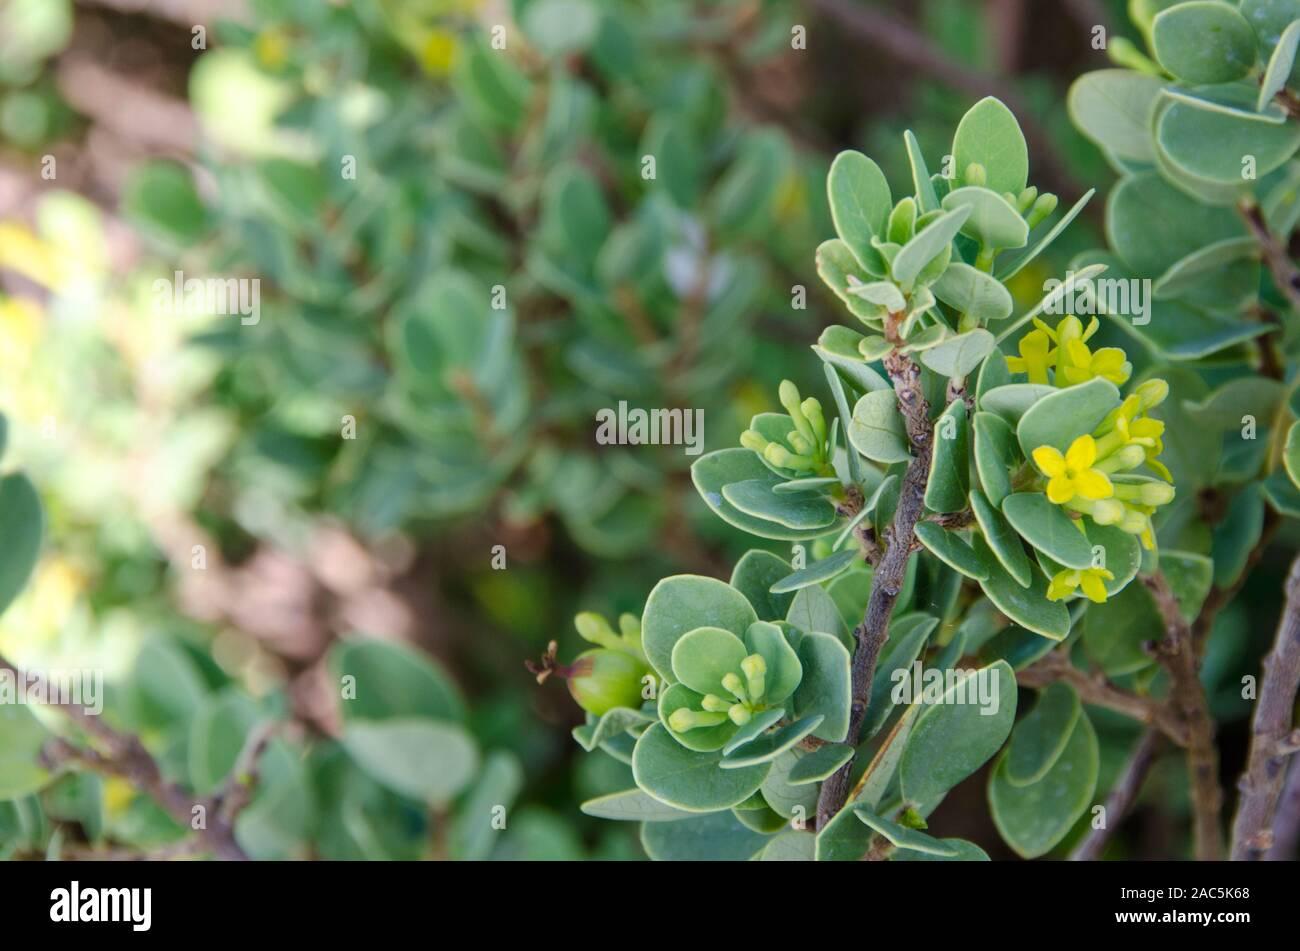 Il nativo di Hawaiian 'akia pianta è maschio o femmina. Piante femmina, dopo la fioritura, produrre attraente round di frutta che sono di colore giallo o arancione o r Foto Stock